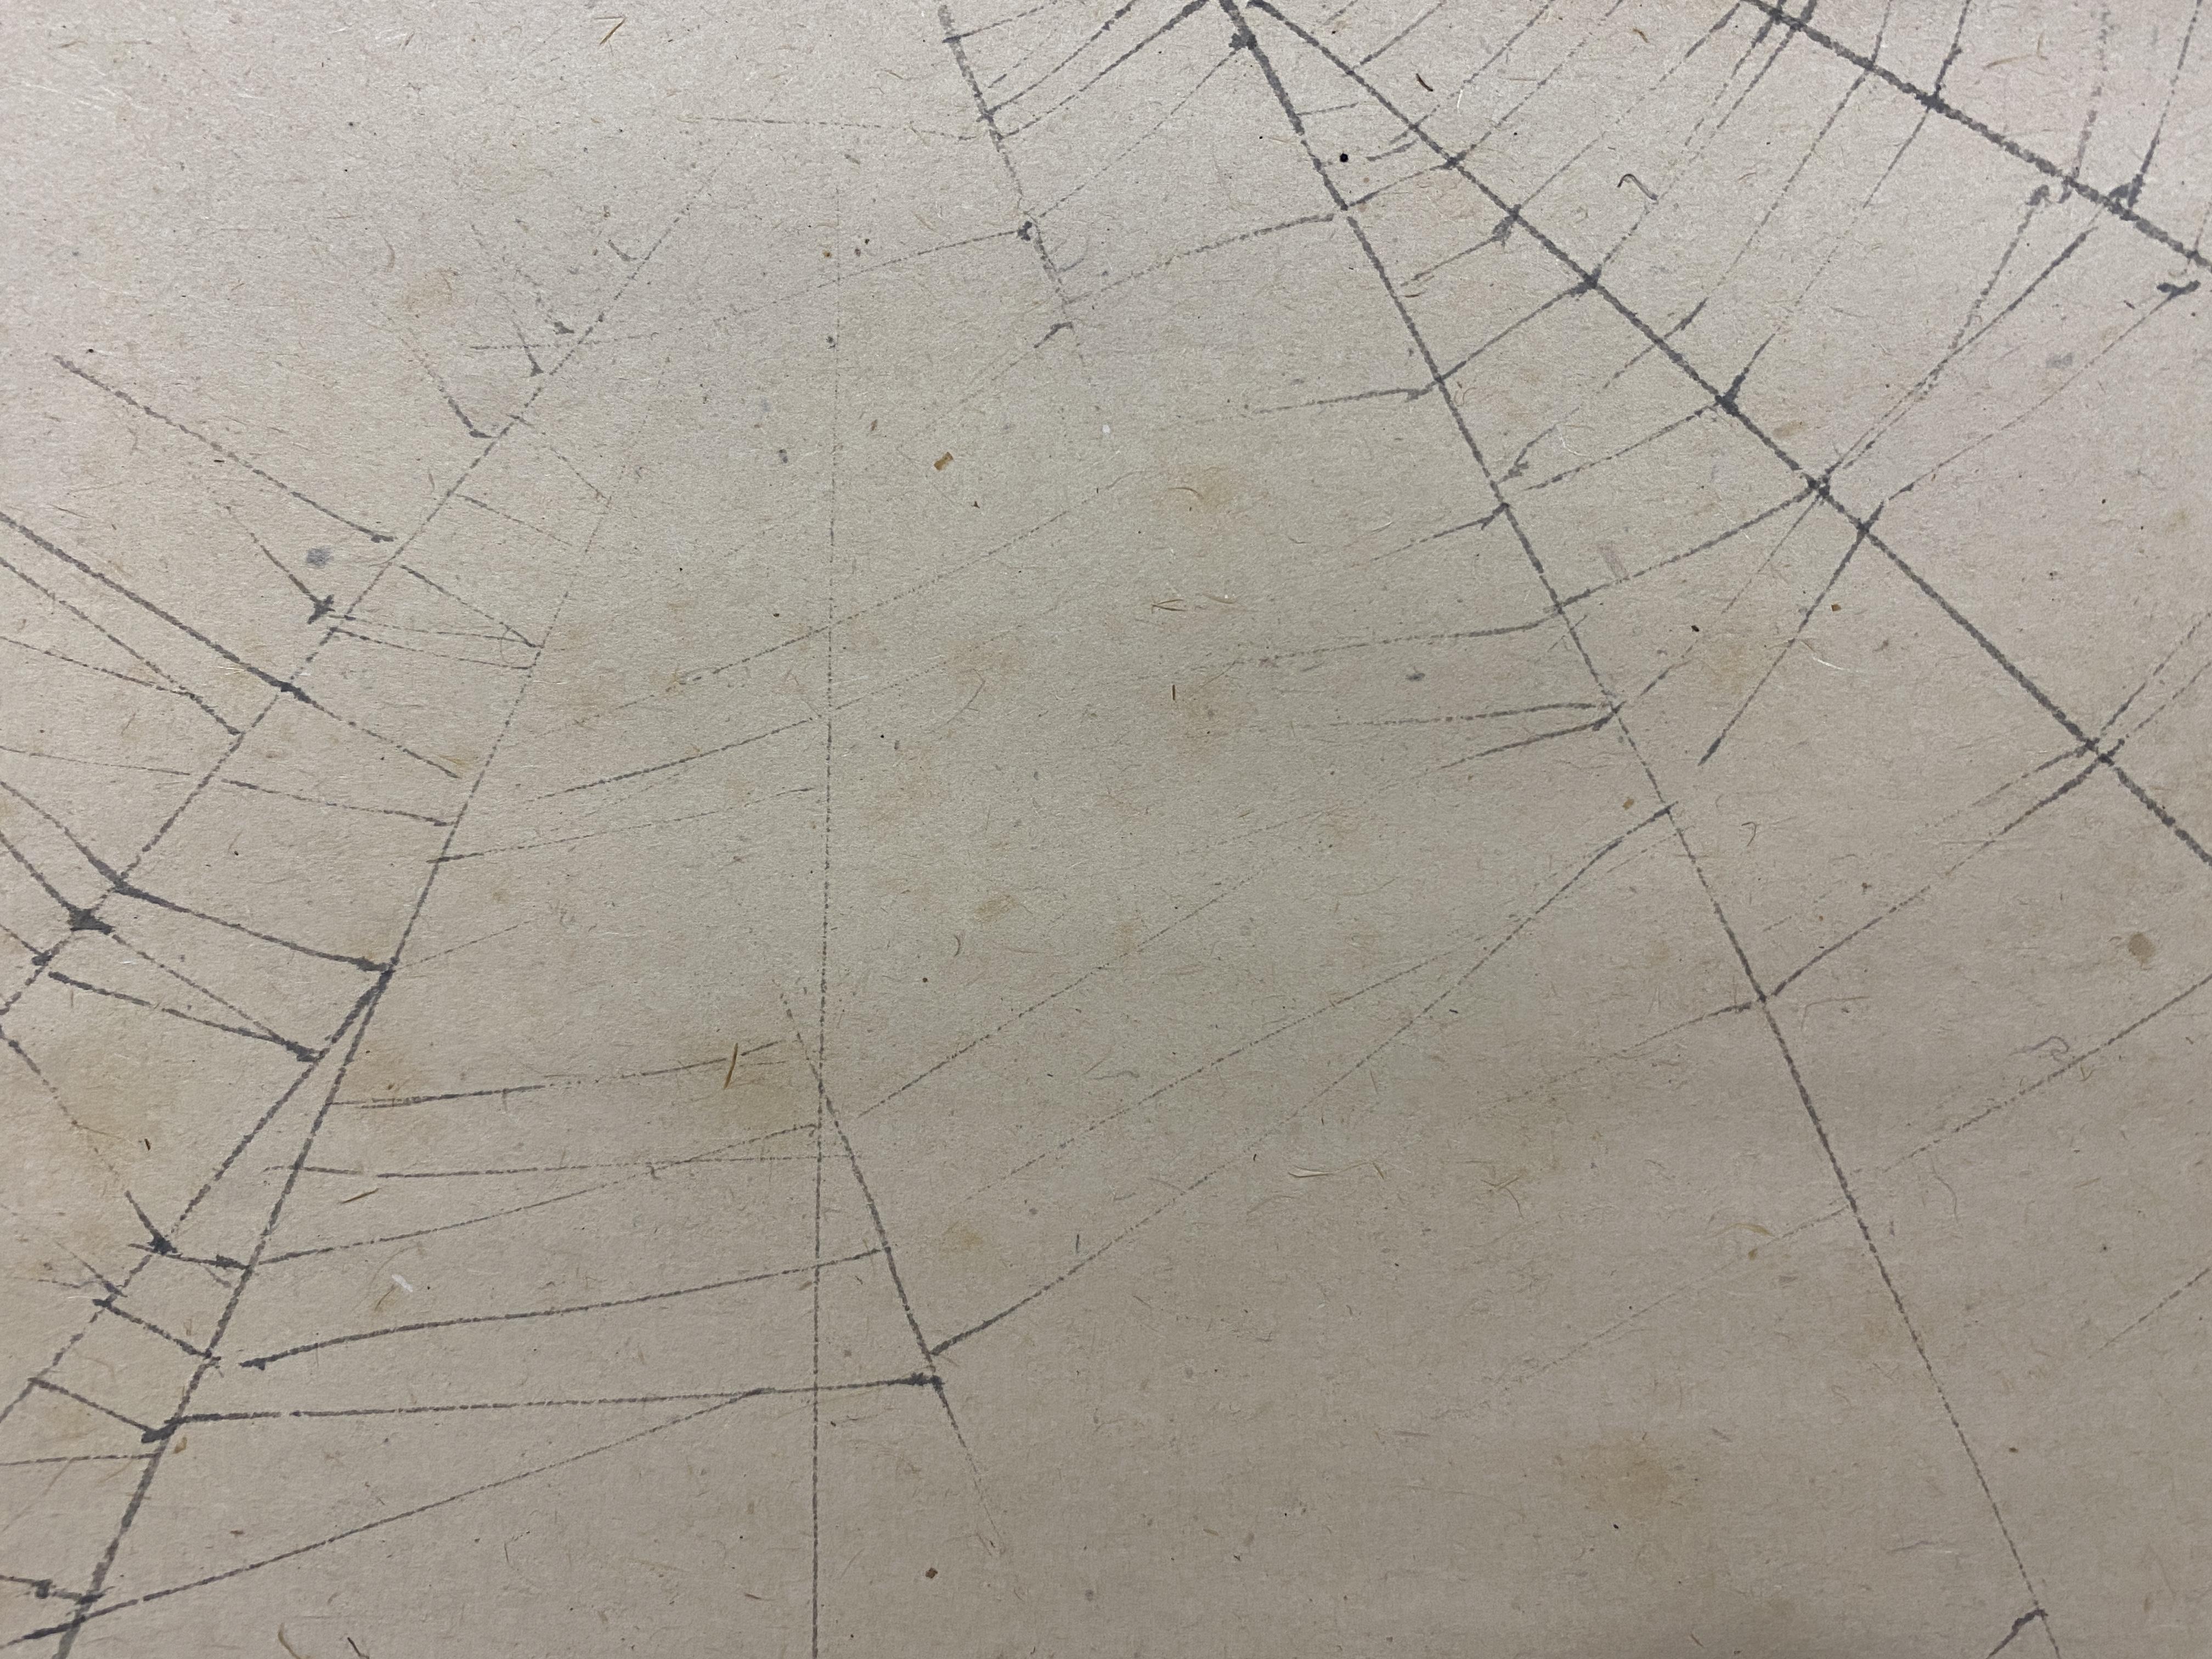 奥谷秋石筆 蜘蛛図